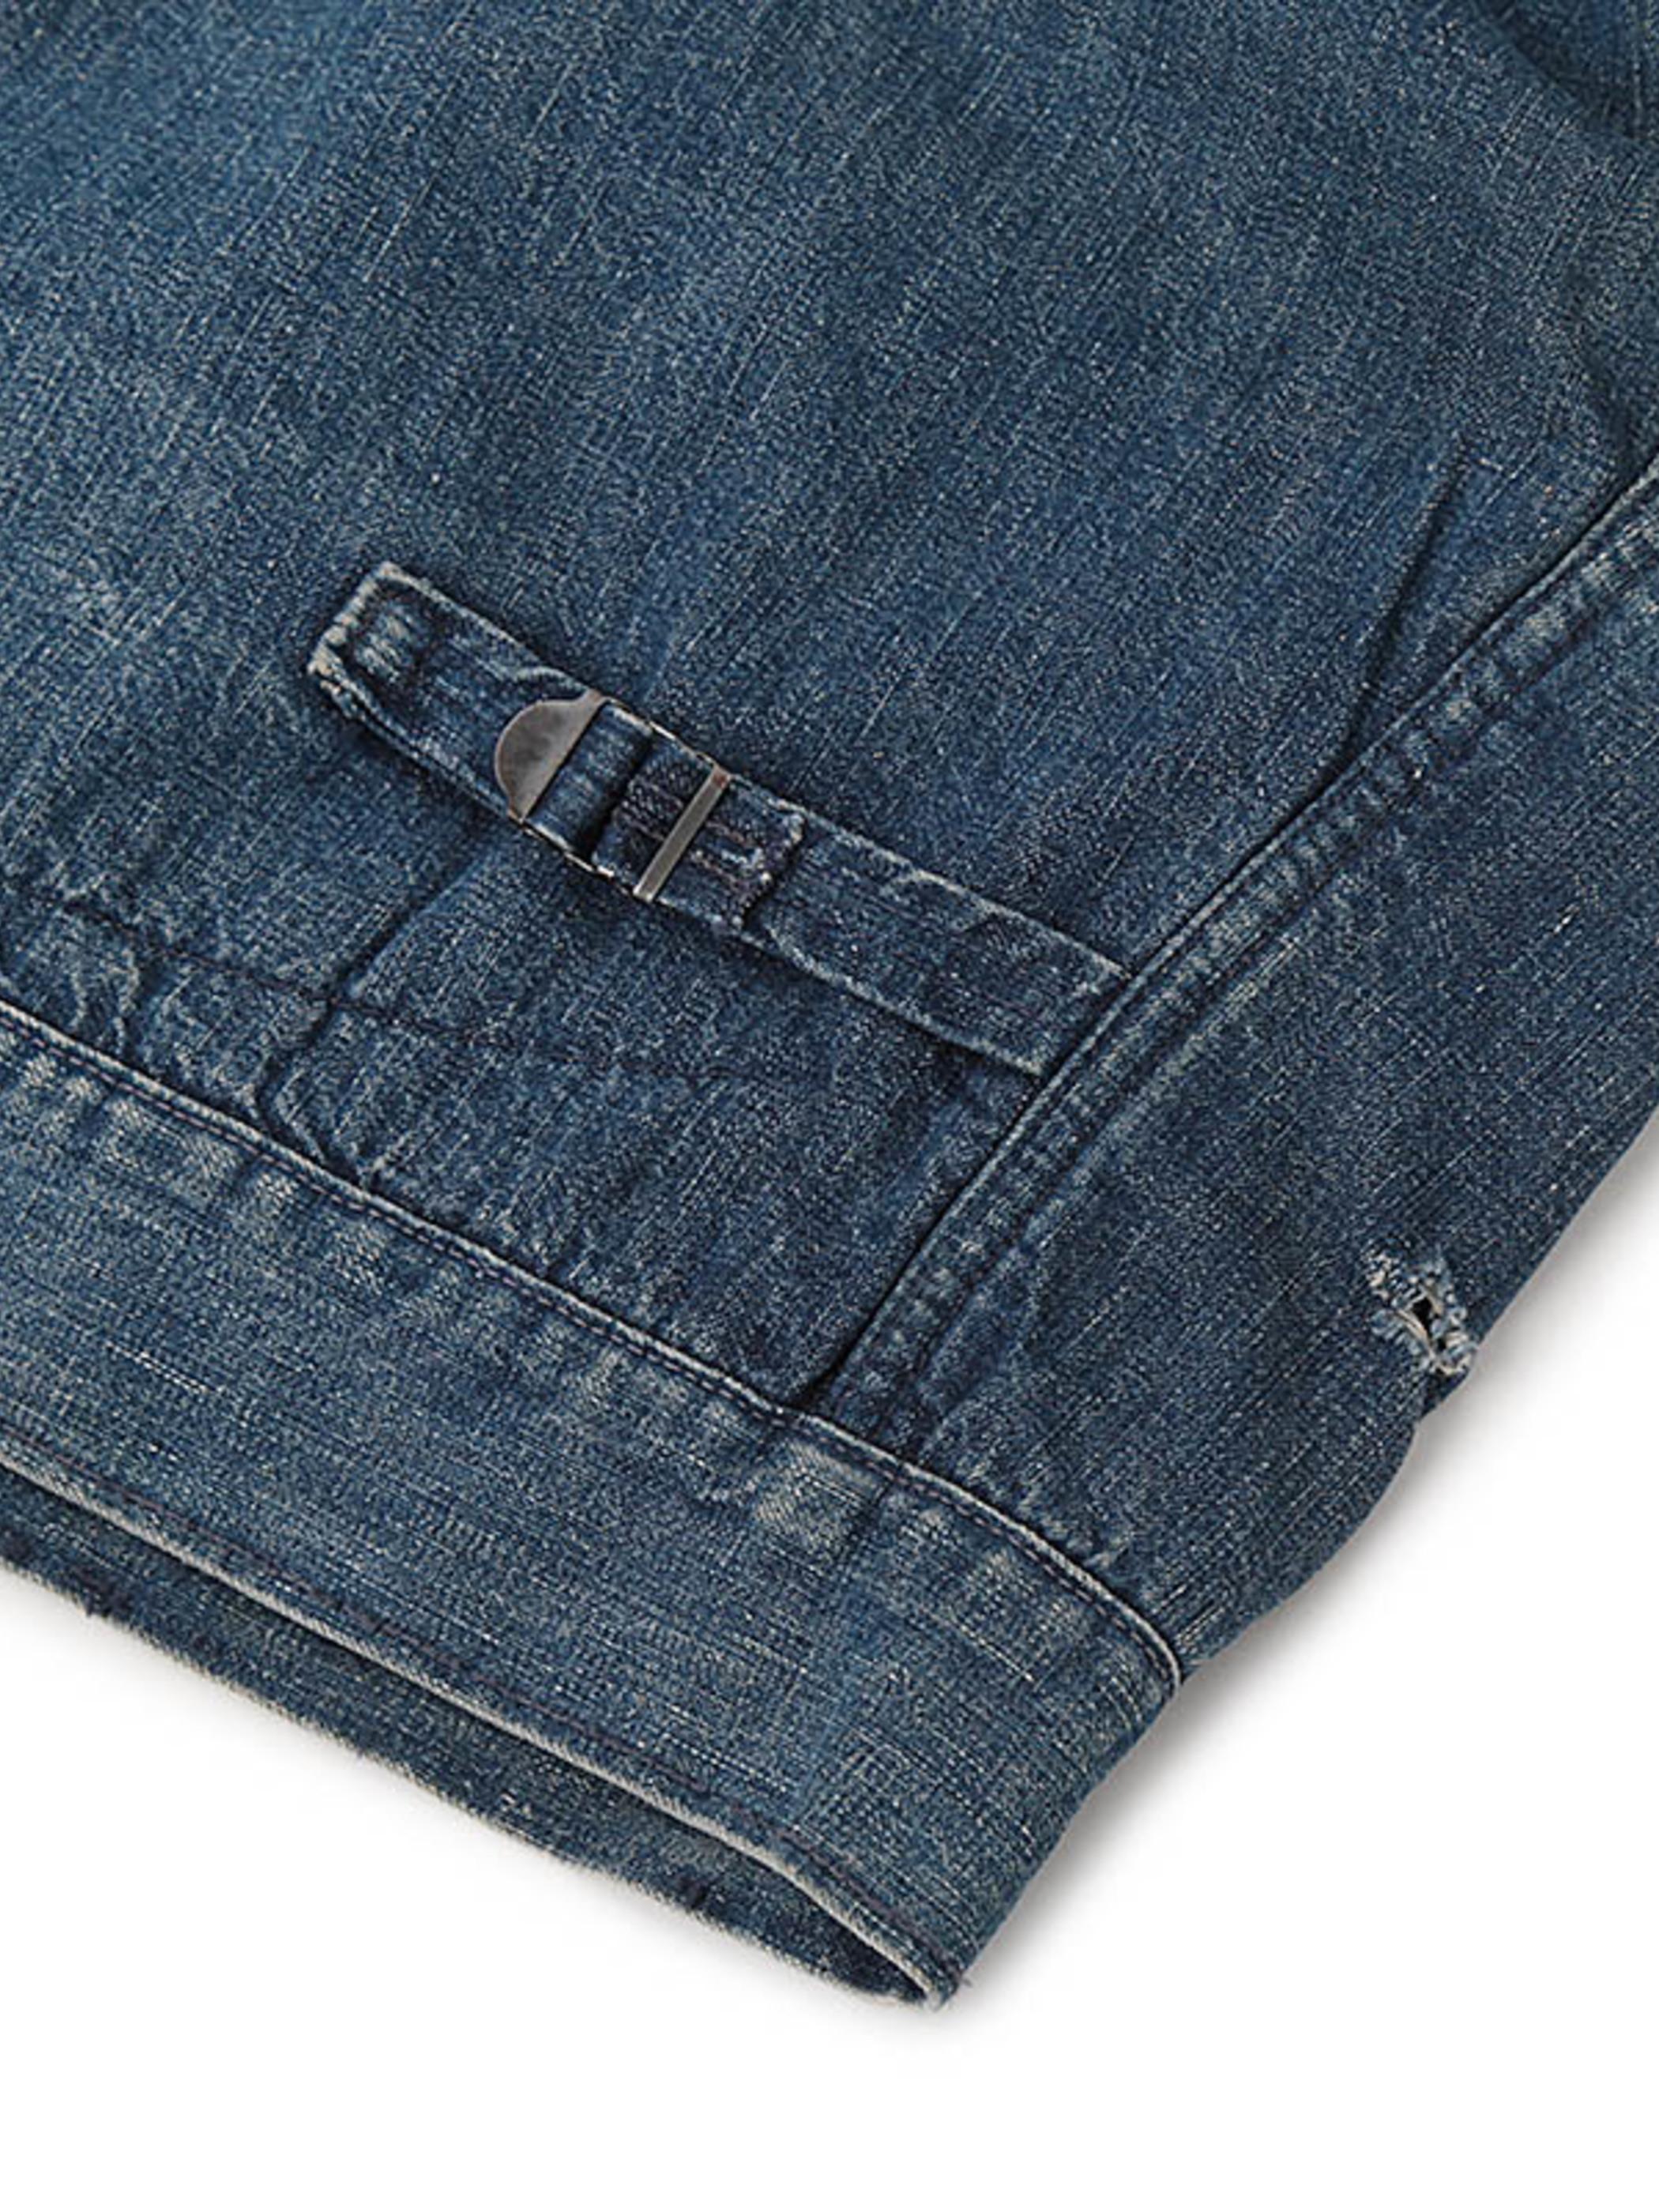 Used / 1960's Vintage / Denim Jacket